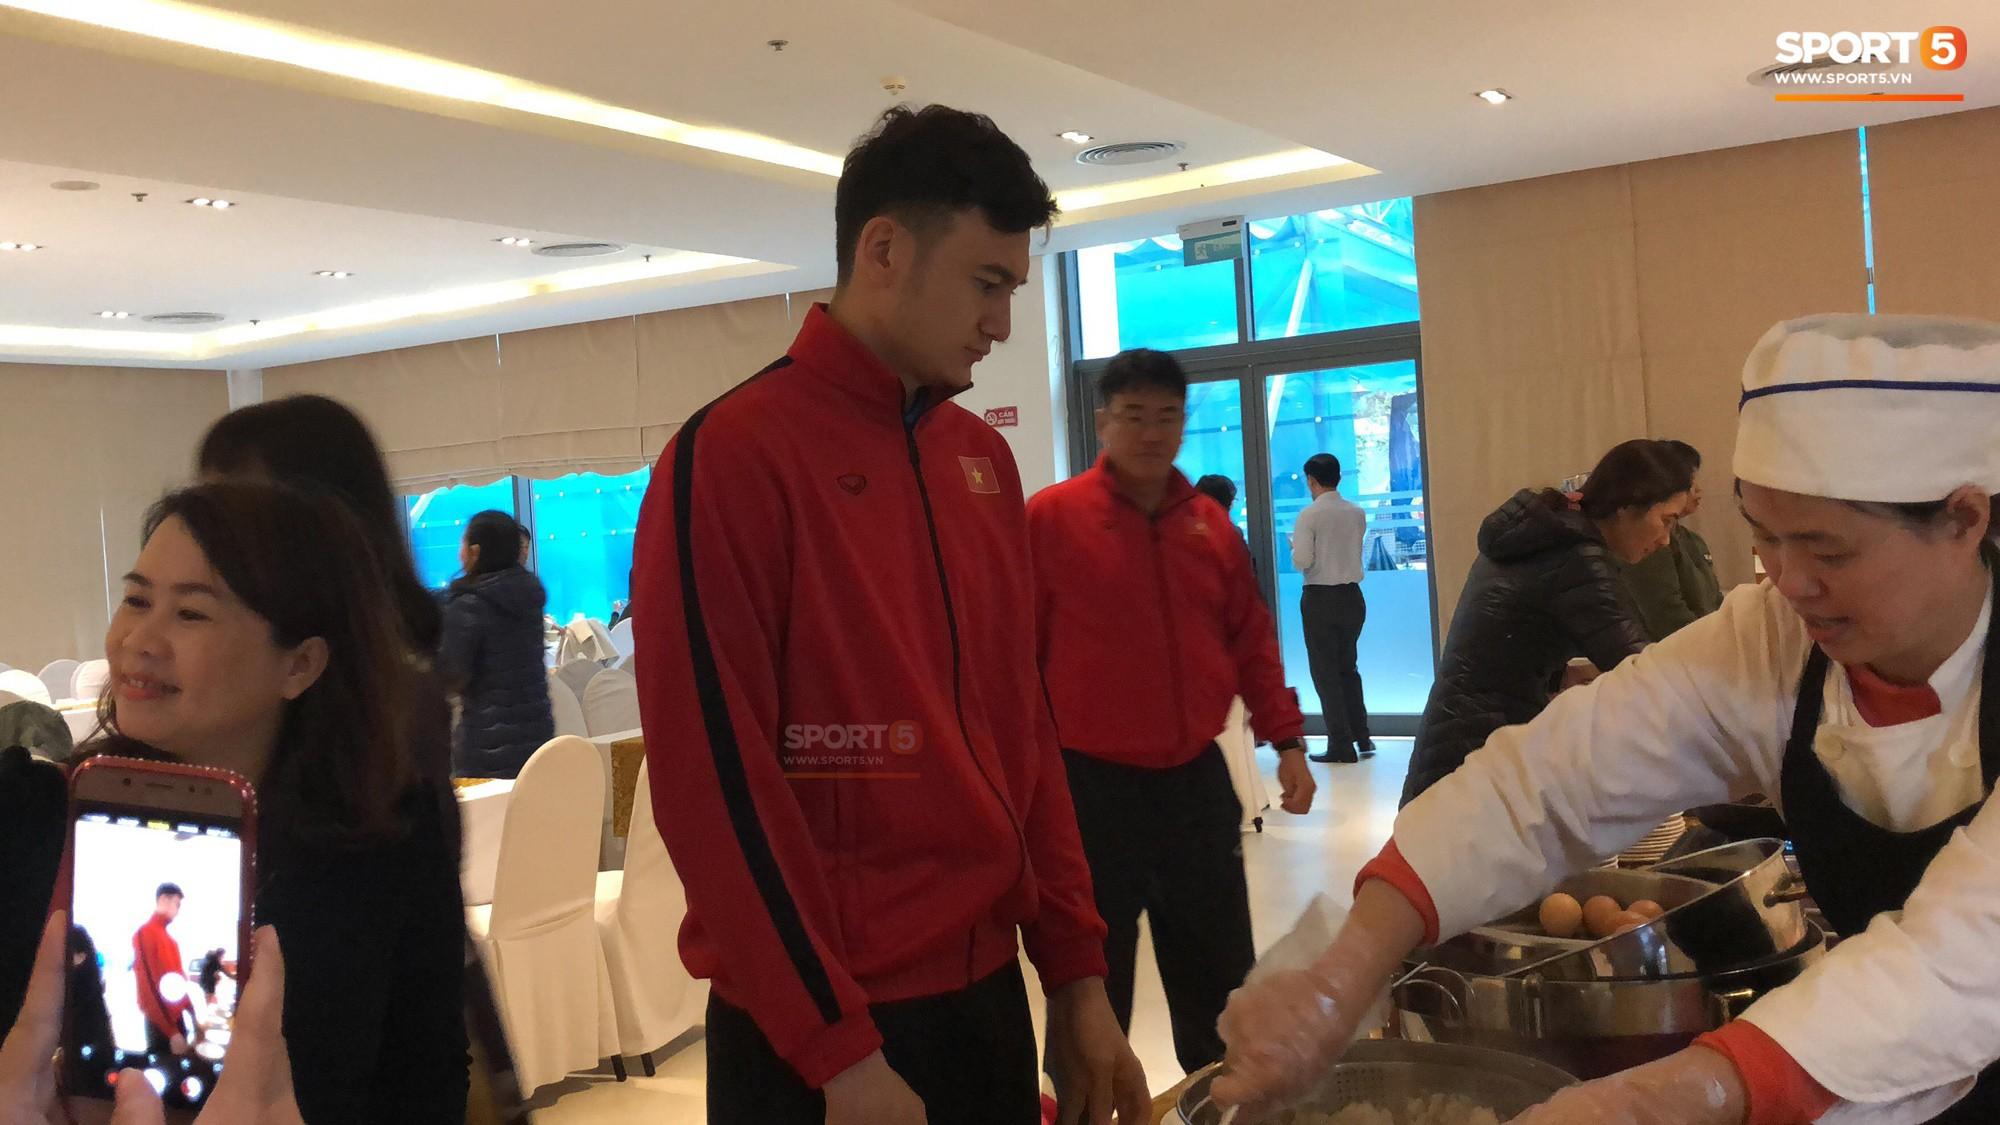 Bữa sáng giản dị của tuyển Việt Nam trước trận chung kết lịch sử - Ảnh 5.